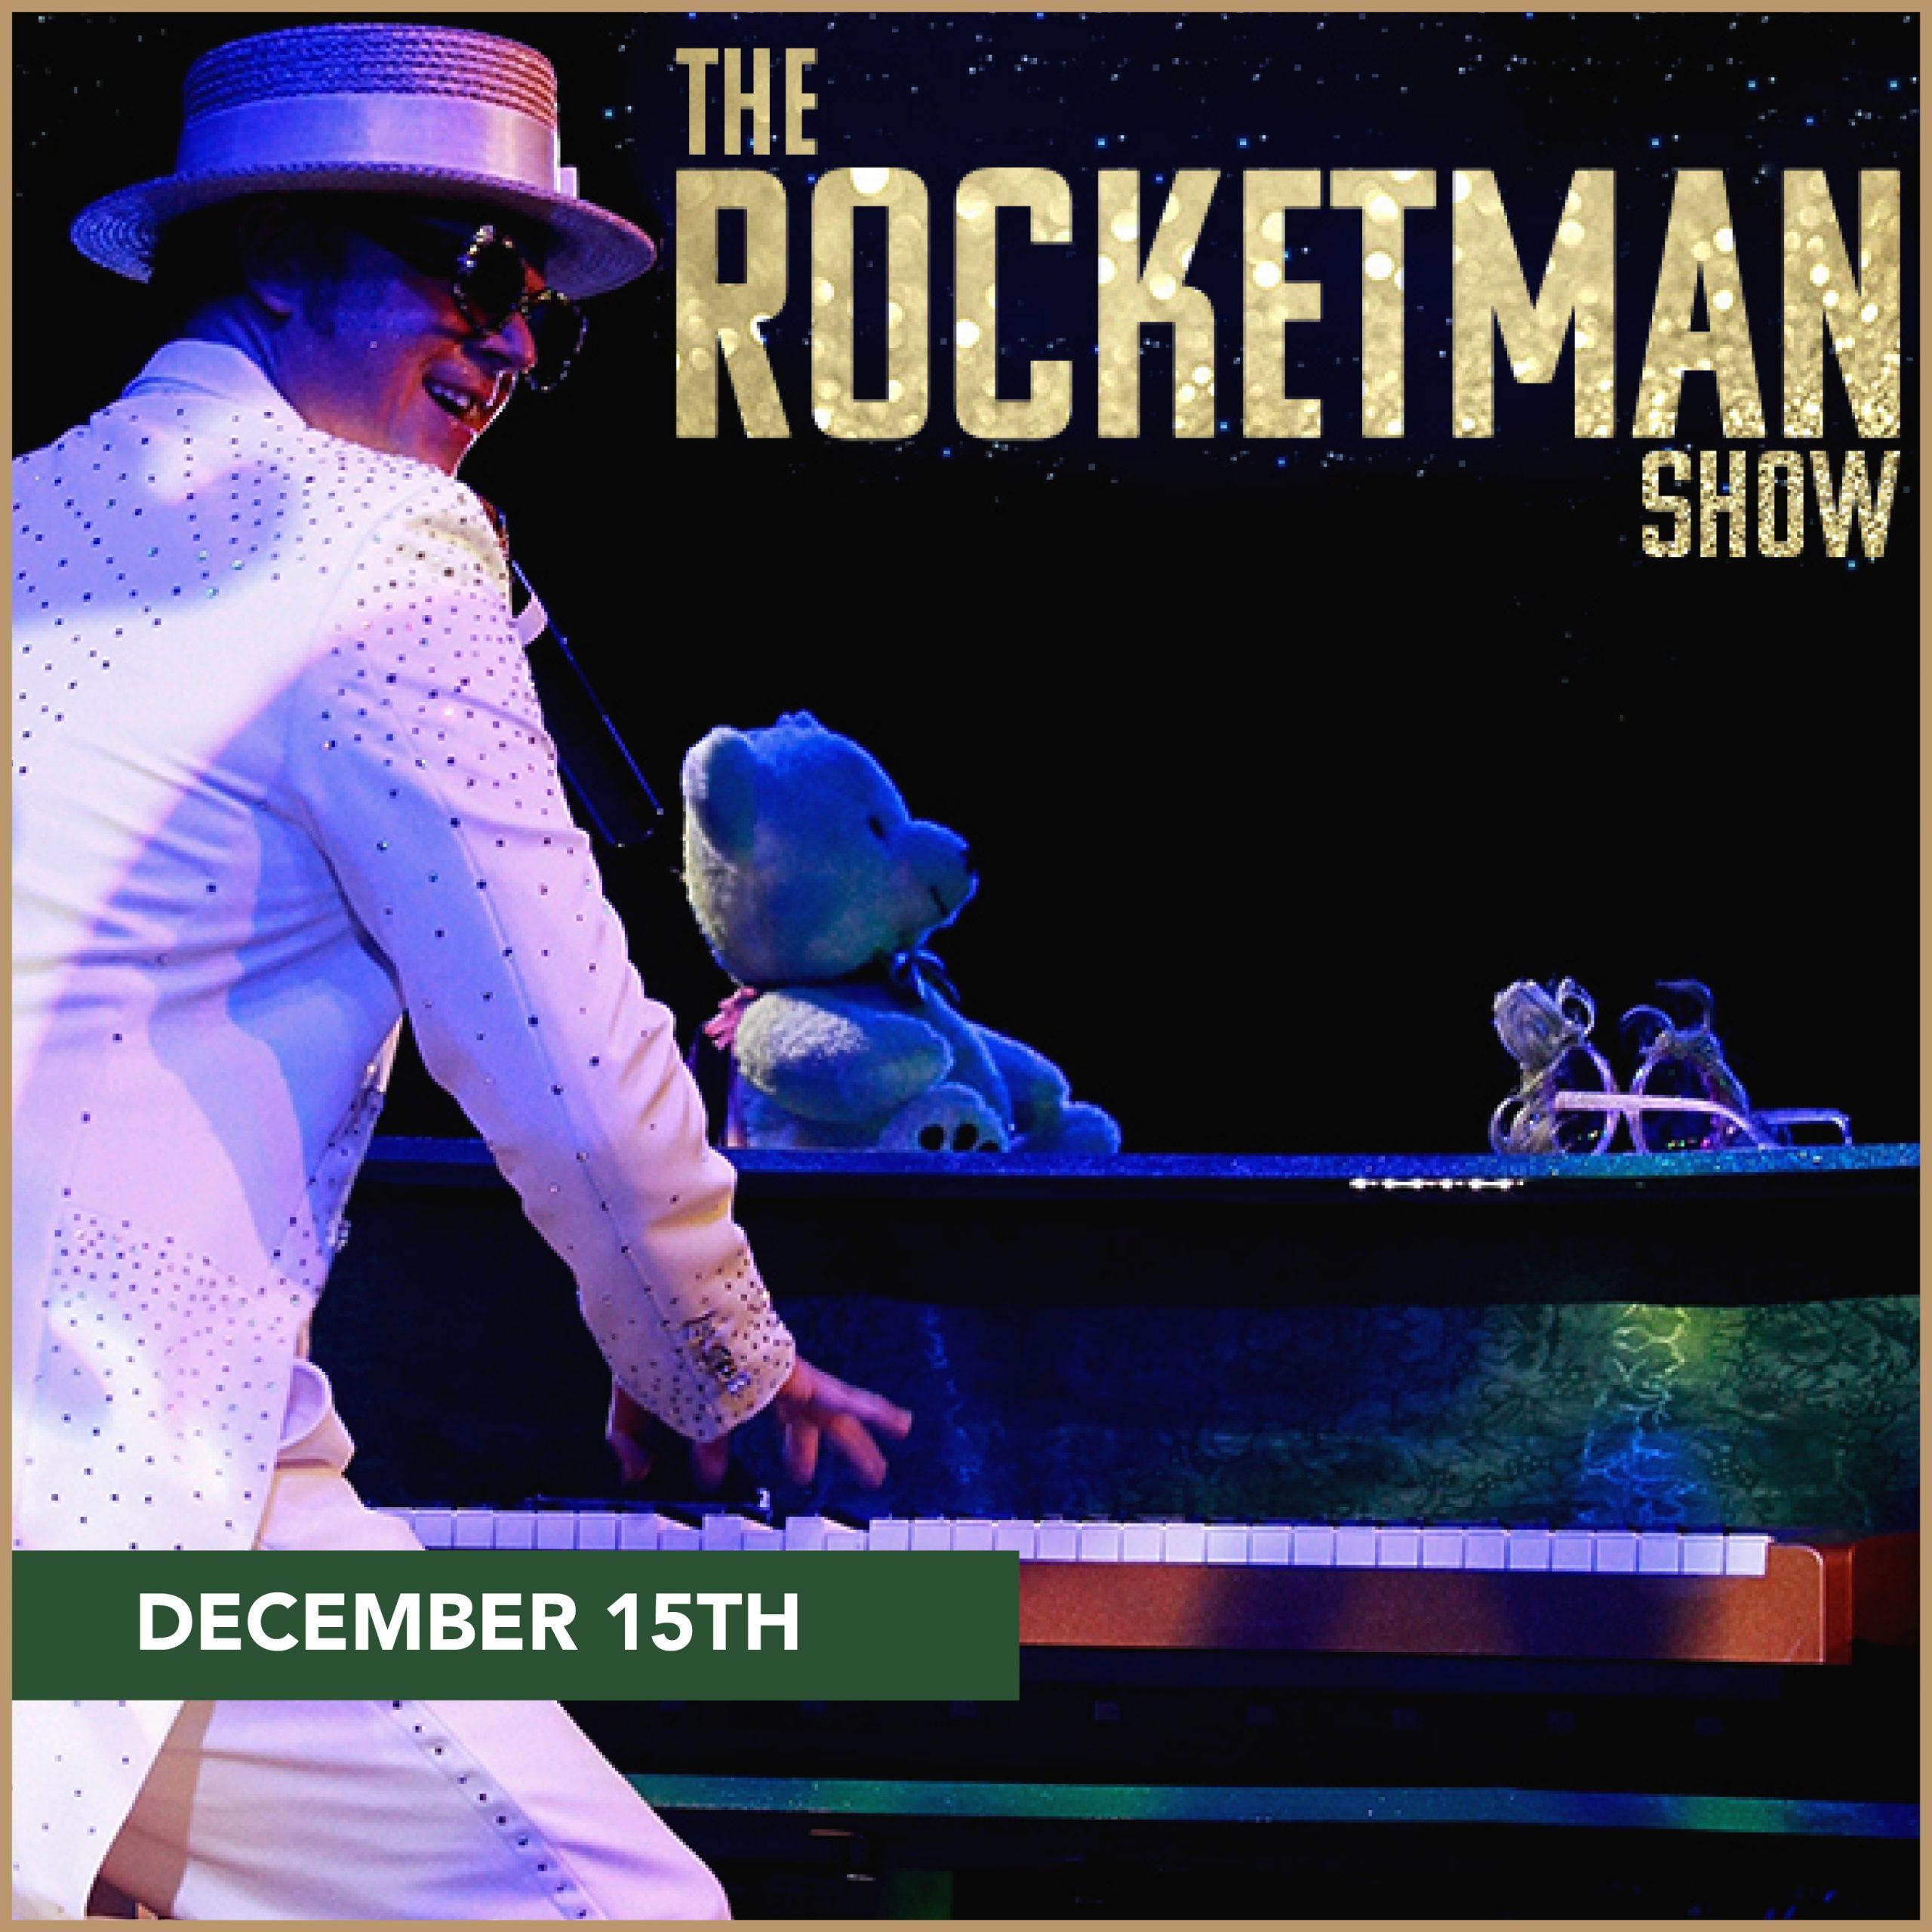 The Open Air Concert Series – The Rocketman Show